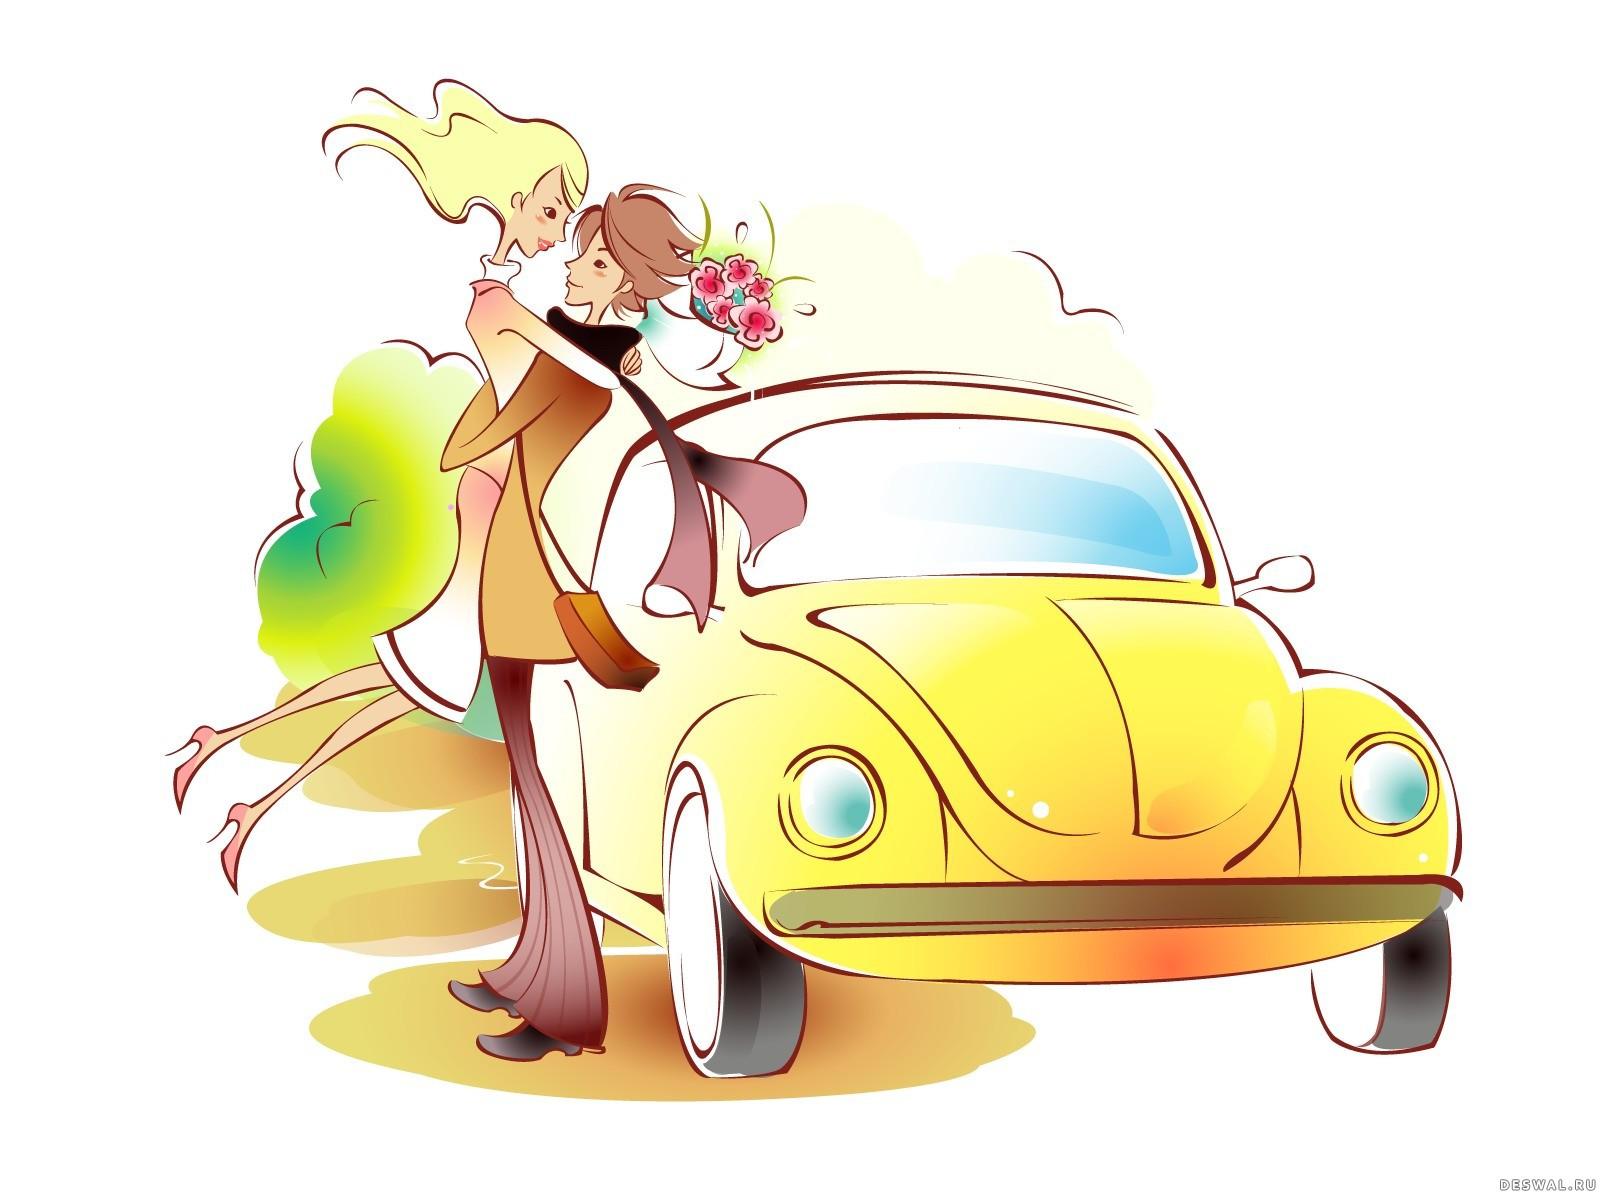 Фото 4. Нажмите на картинку с романтическими обоями - любовь, чтобы просмотреть ее в реальном размере